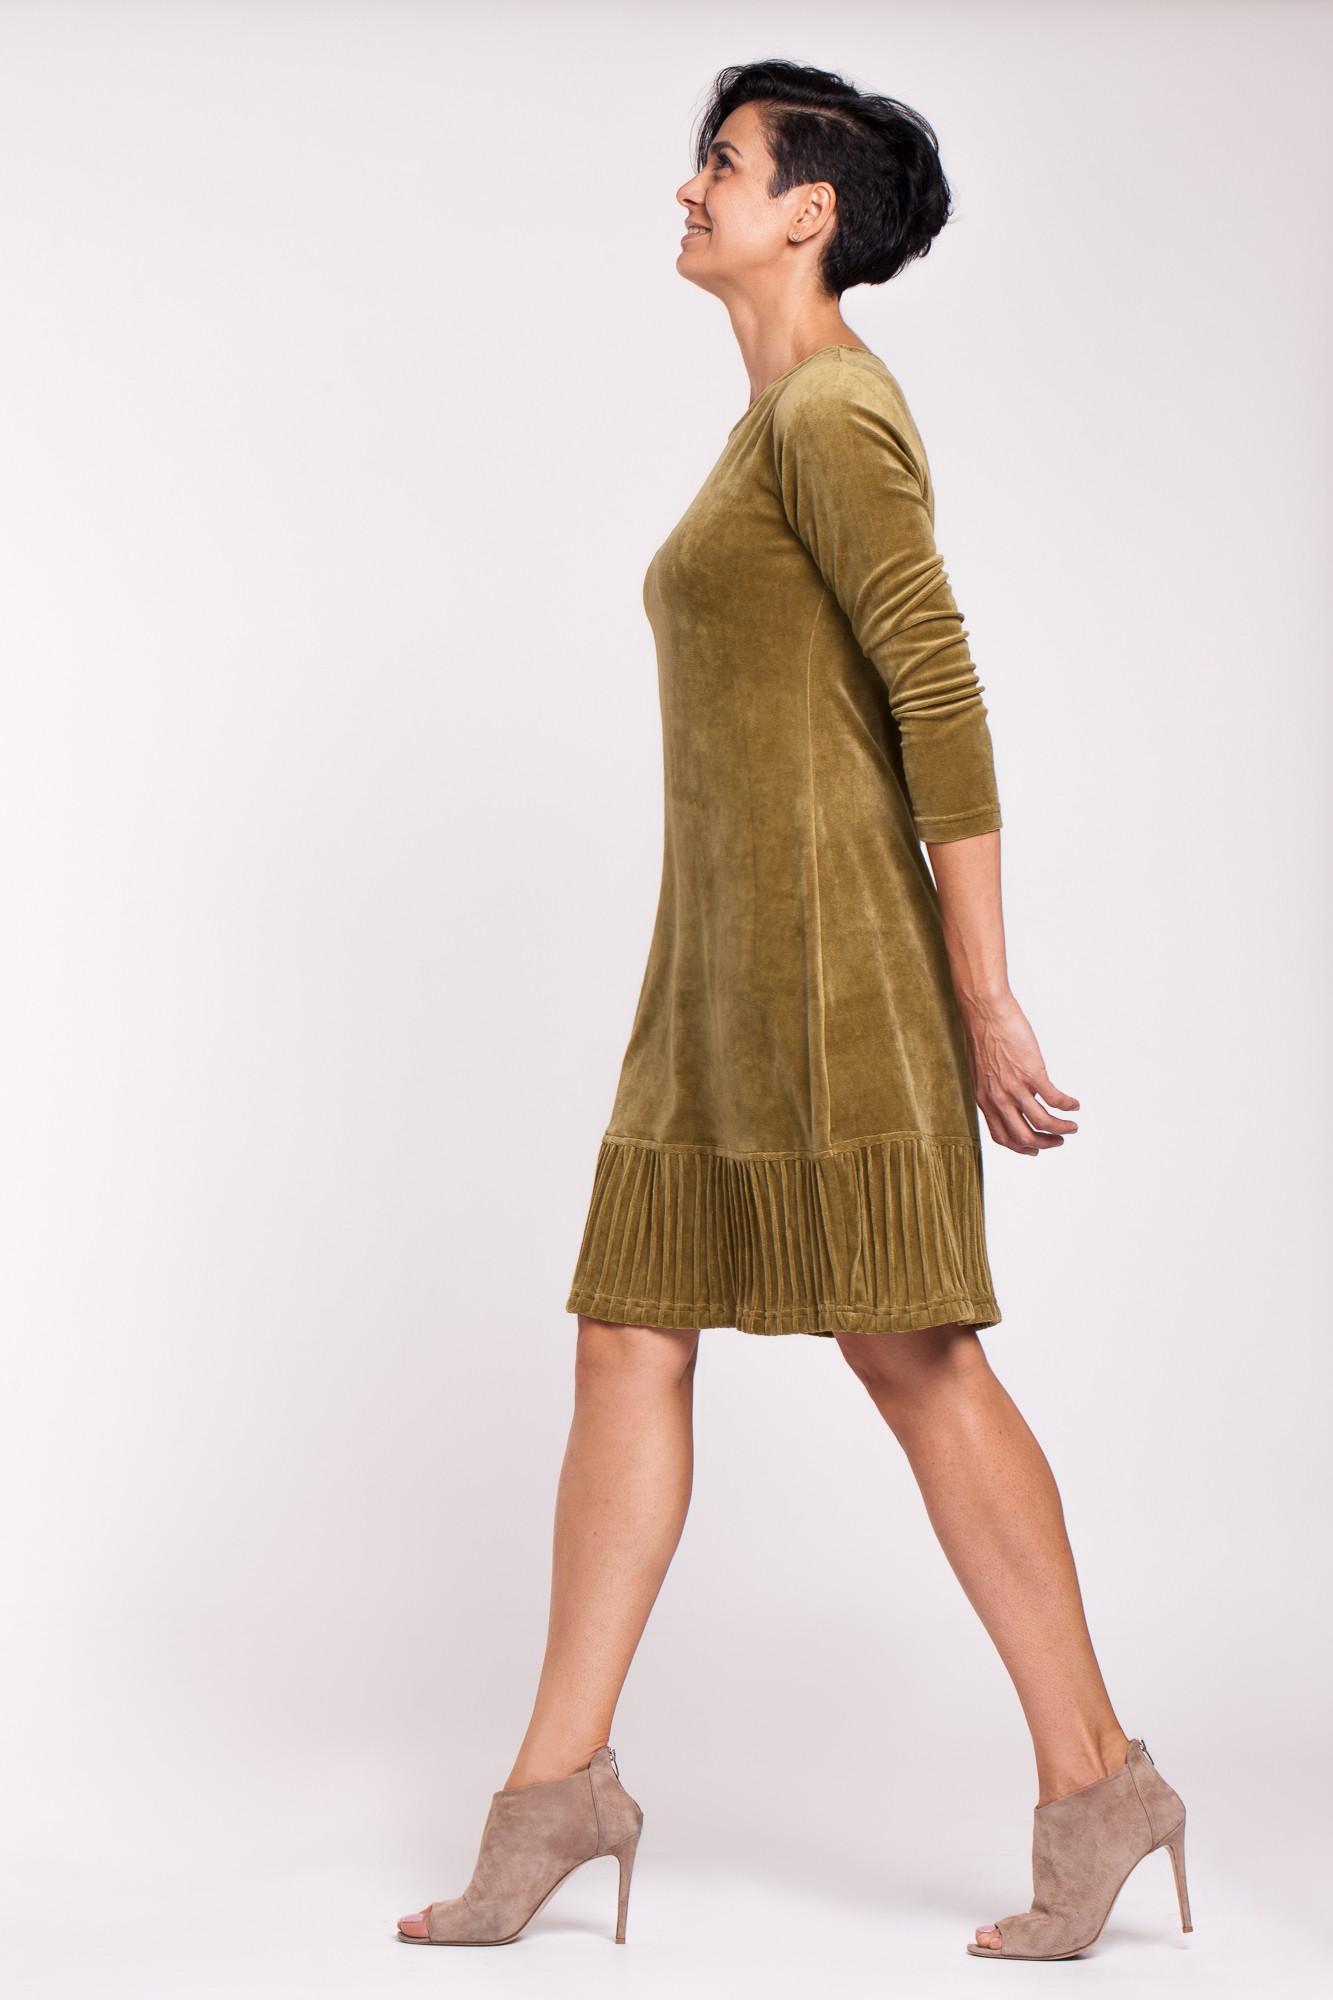 Rochie eleganta de catifea lemon cu striatii